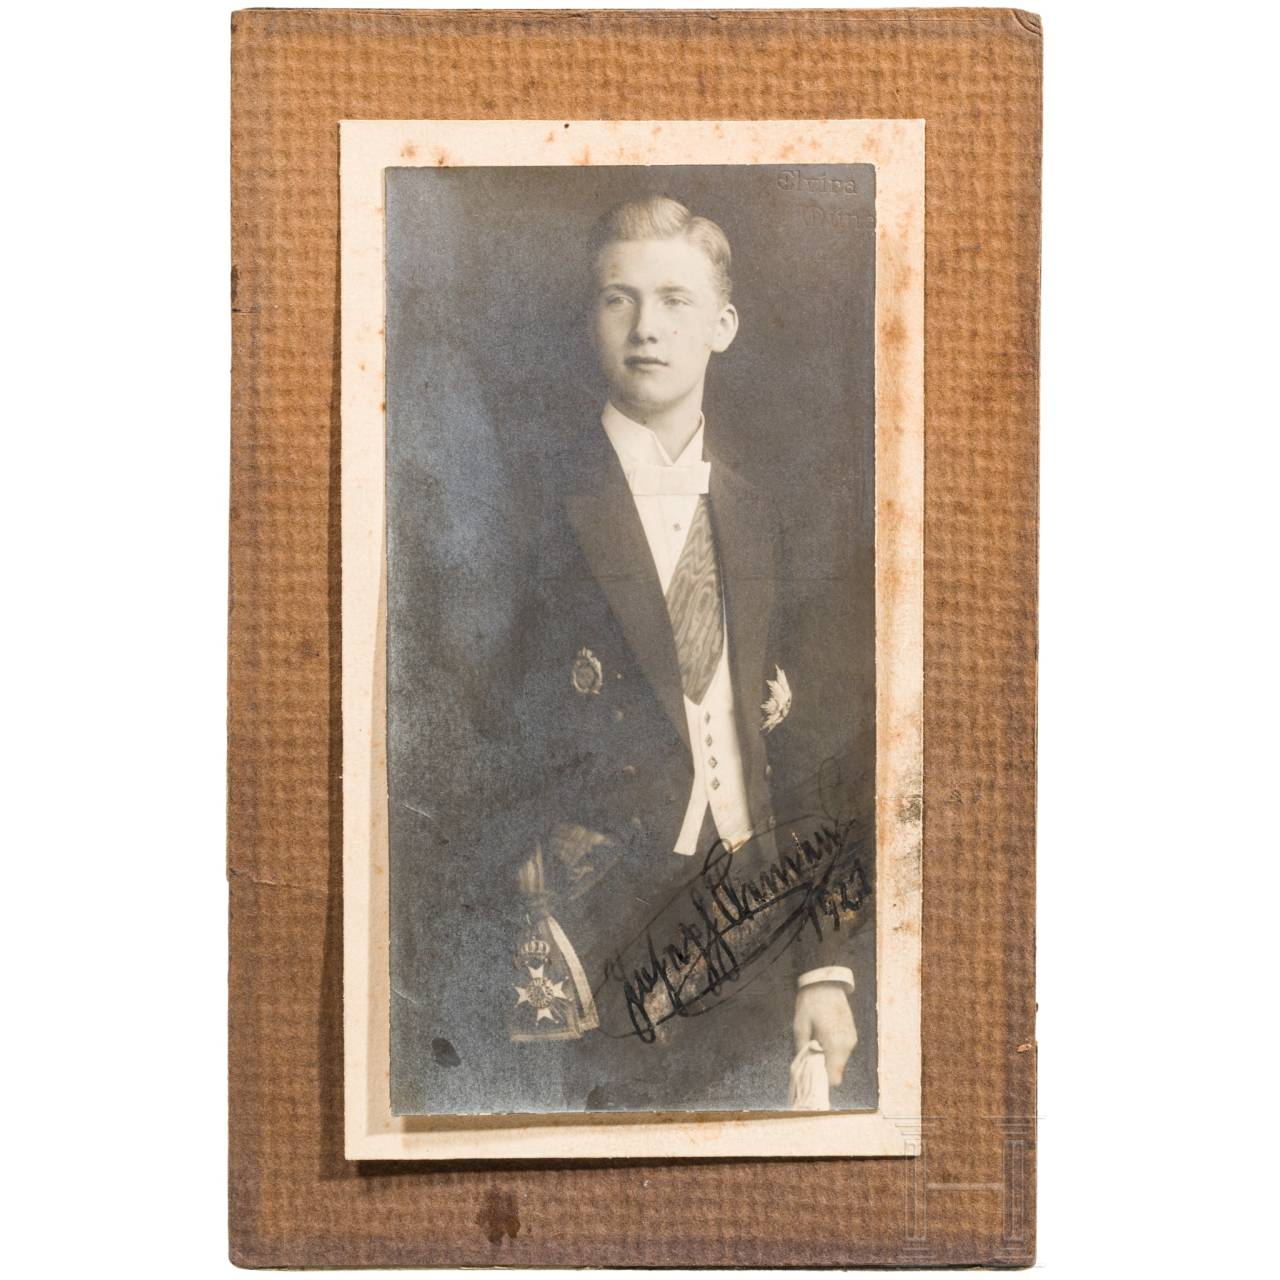 Prinz Joseph Clemens von Bayern (1902 - 1990) - signiertes Portraitfoto, datiert 1921